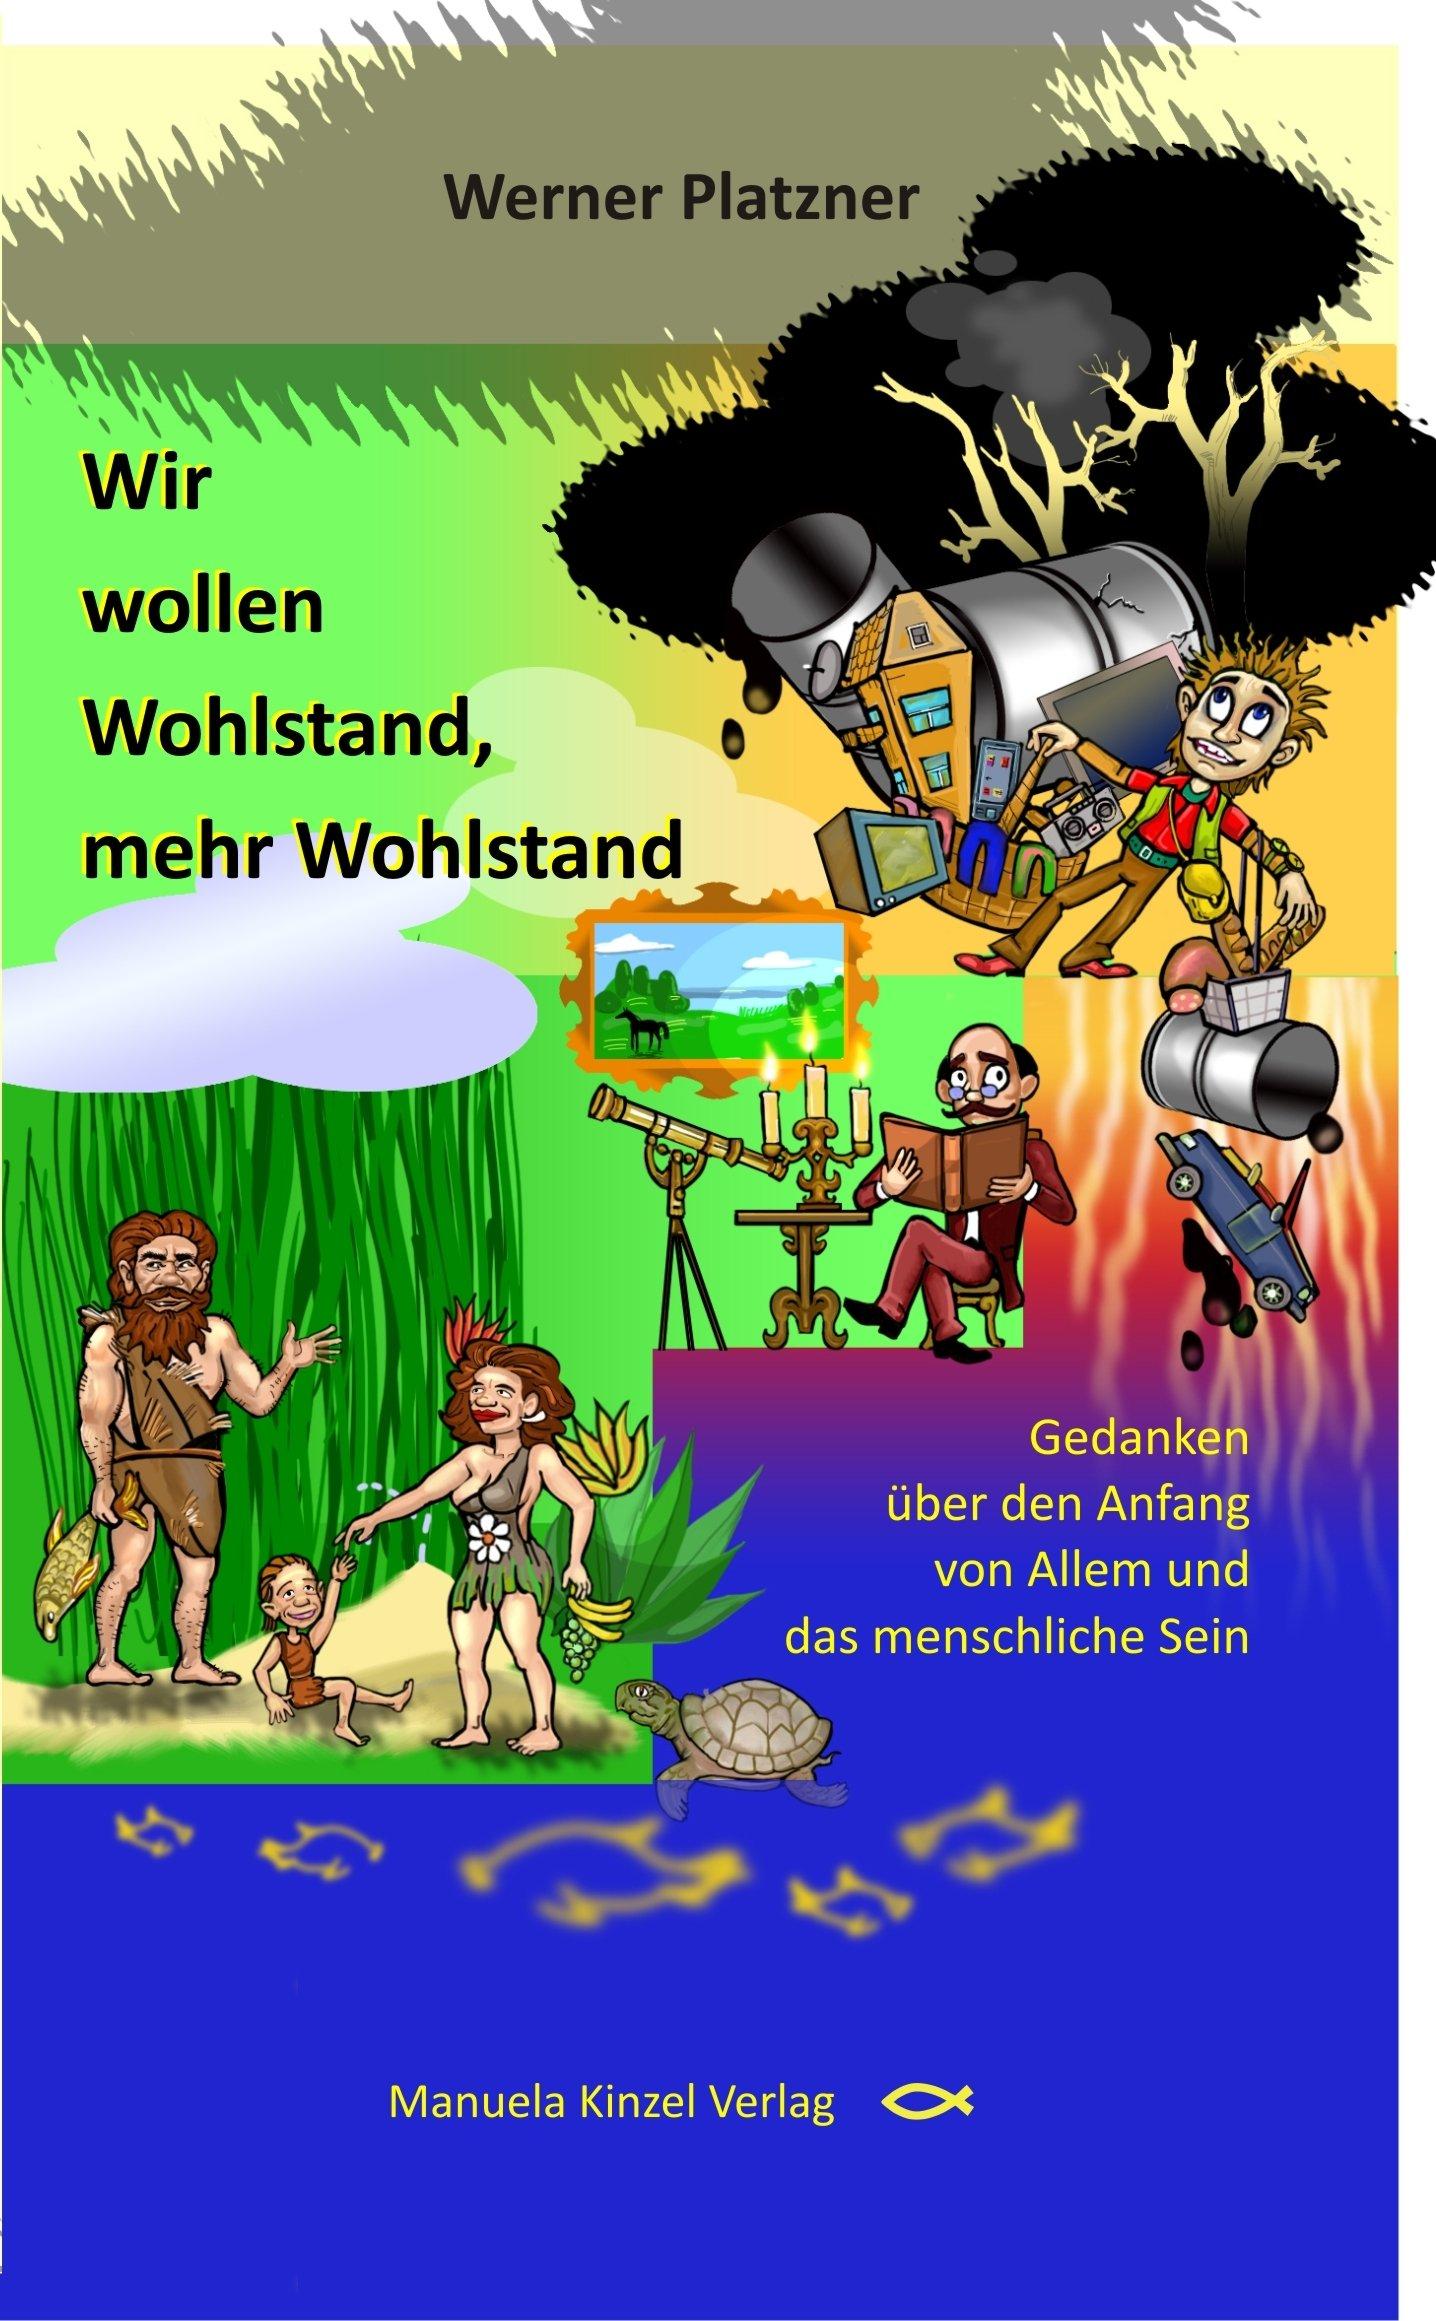 Wir wollen Wohlstand, mehr Wohlstand: Gedanken über den Anfang von Allem und das menschliche Sein (German Edition)